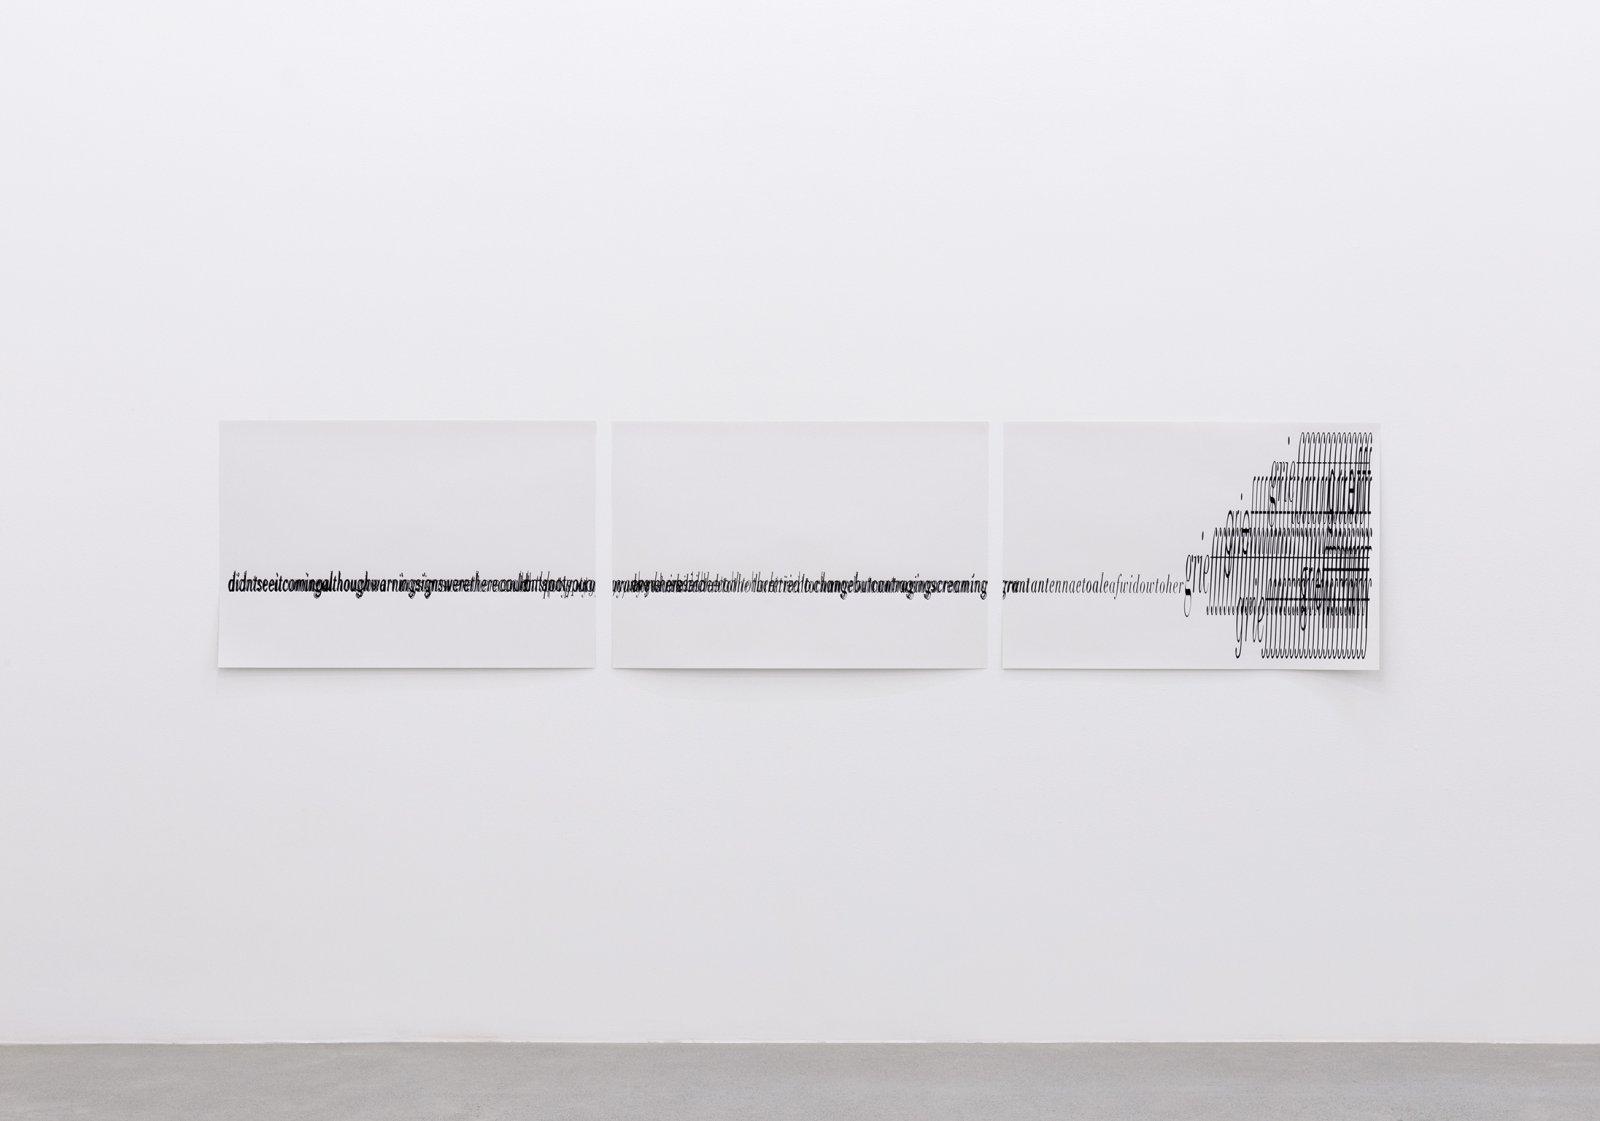 Janice Kerbel, Score, 'Crash', 2015, 3 silkscreen prints on paper, composition: 22 x 131 in. (56 x 334 cm), each sheet: 22 x 33 in. (56 x 84 cm) by Janice Kerbel